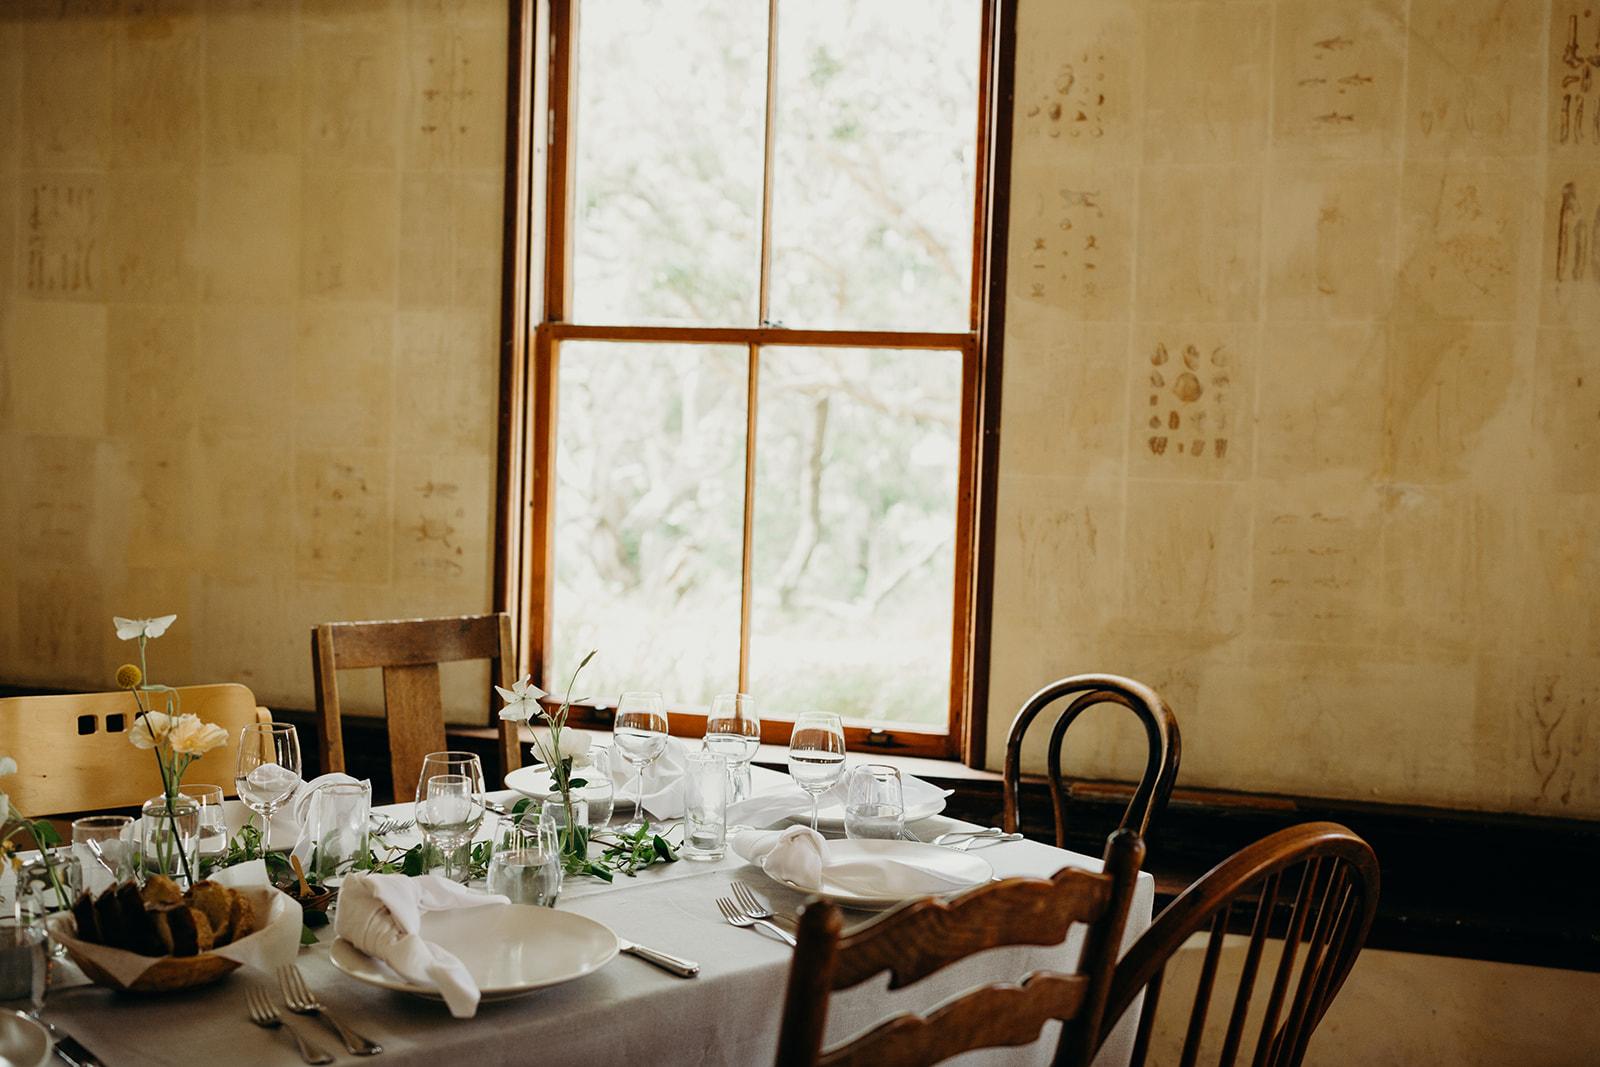 Whitney-Lauren-Headlands-Center-for-The-Arts-Wedding-454.jpg